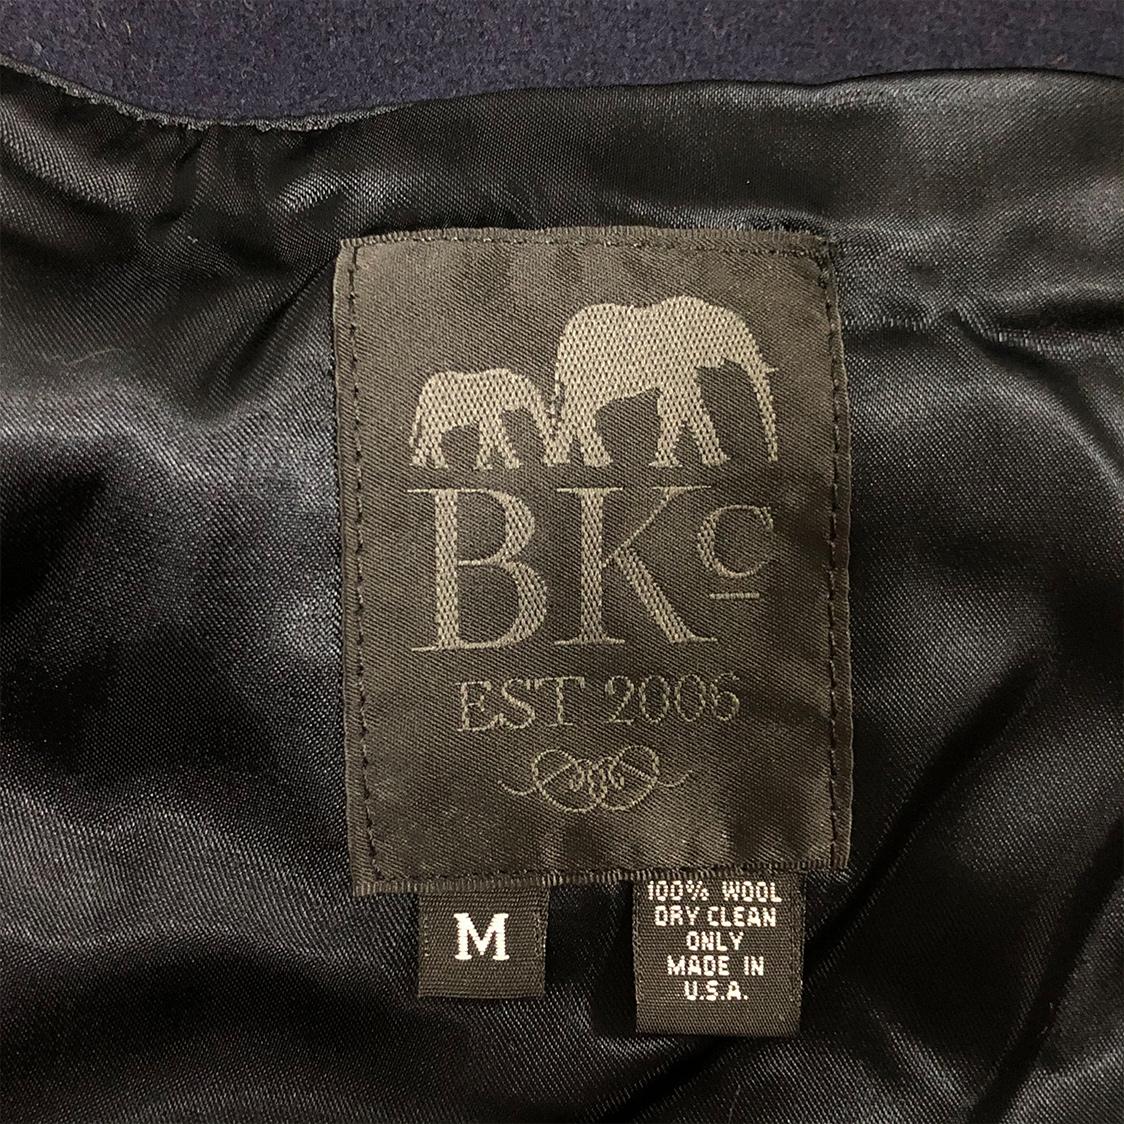 新品【定価50,600円】THE BLOOKLIN CIRCUS ザ ブルックリン サーカス【Mサイズ】ロゴ スタジャン ネイビー BKC